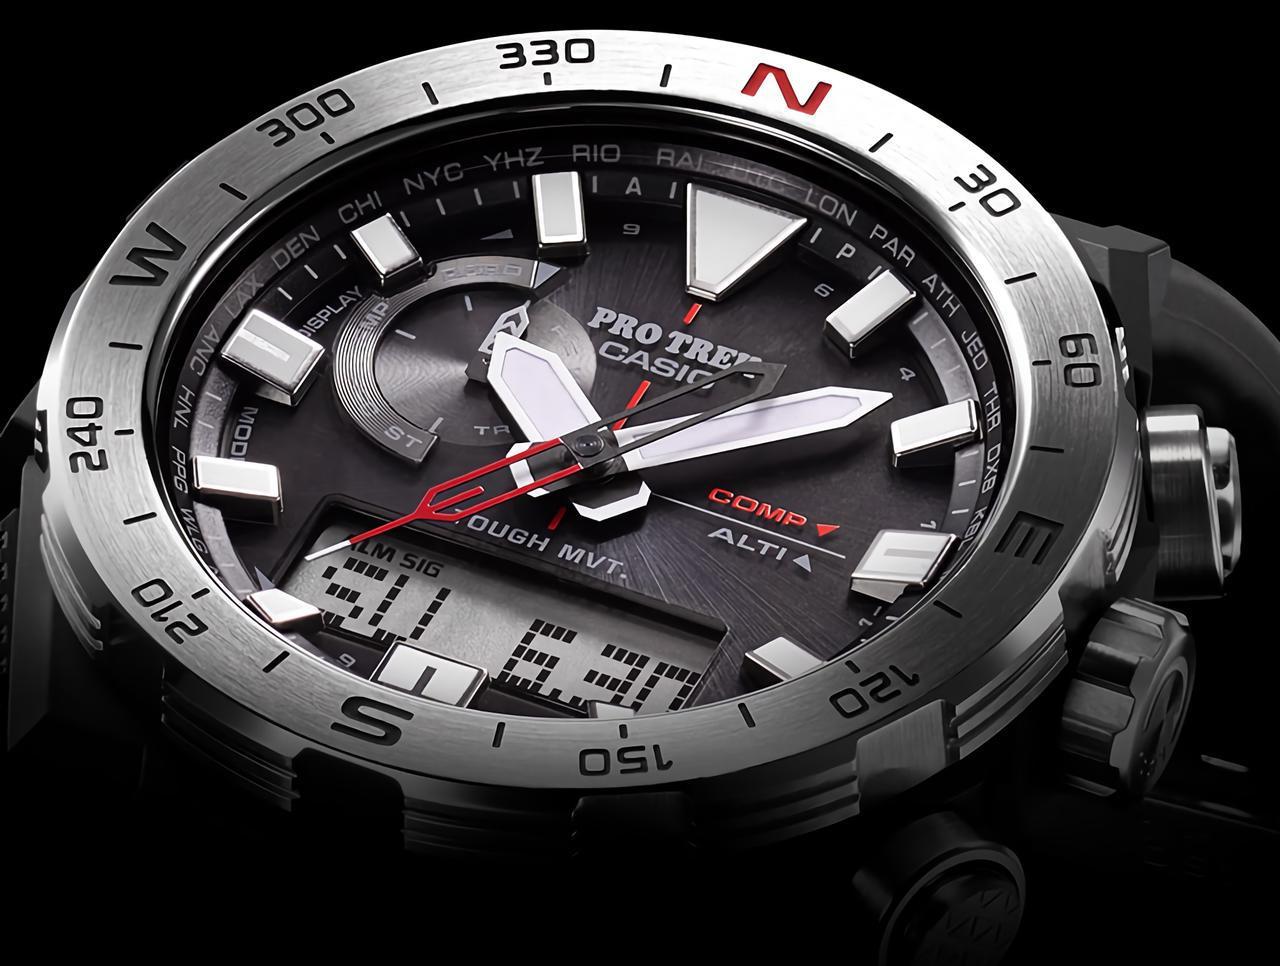 画像: 方位計測機能に特化したプロトレックの腕時計が新登場! - webオートバイ